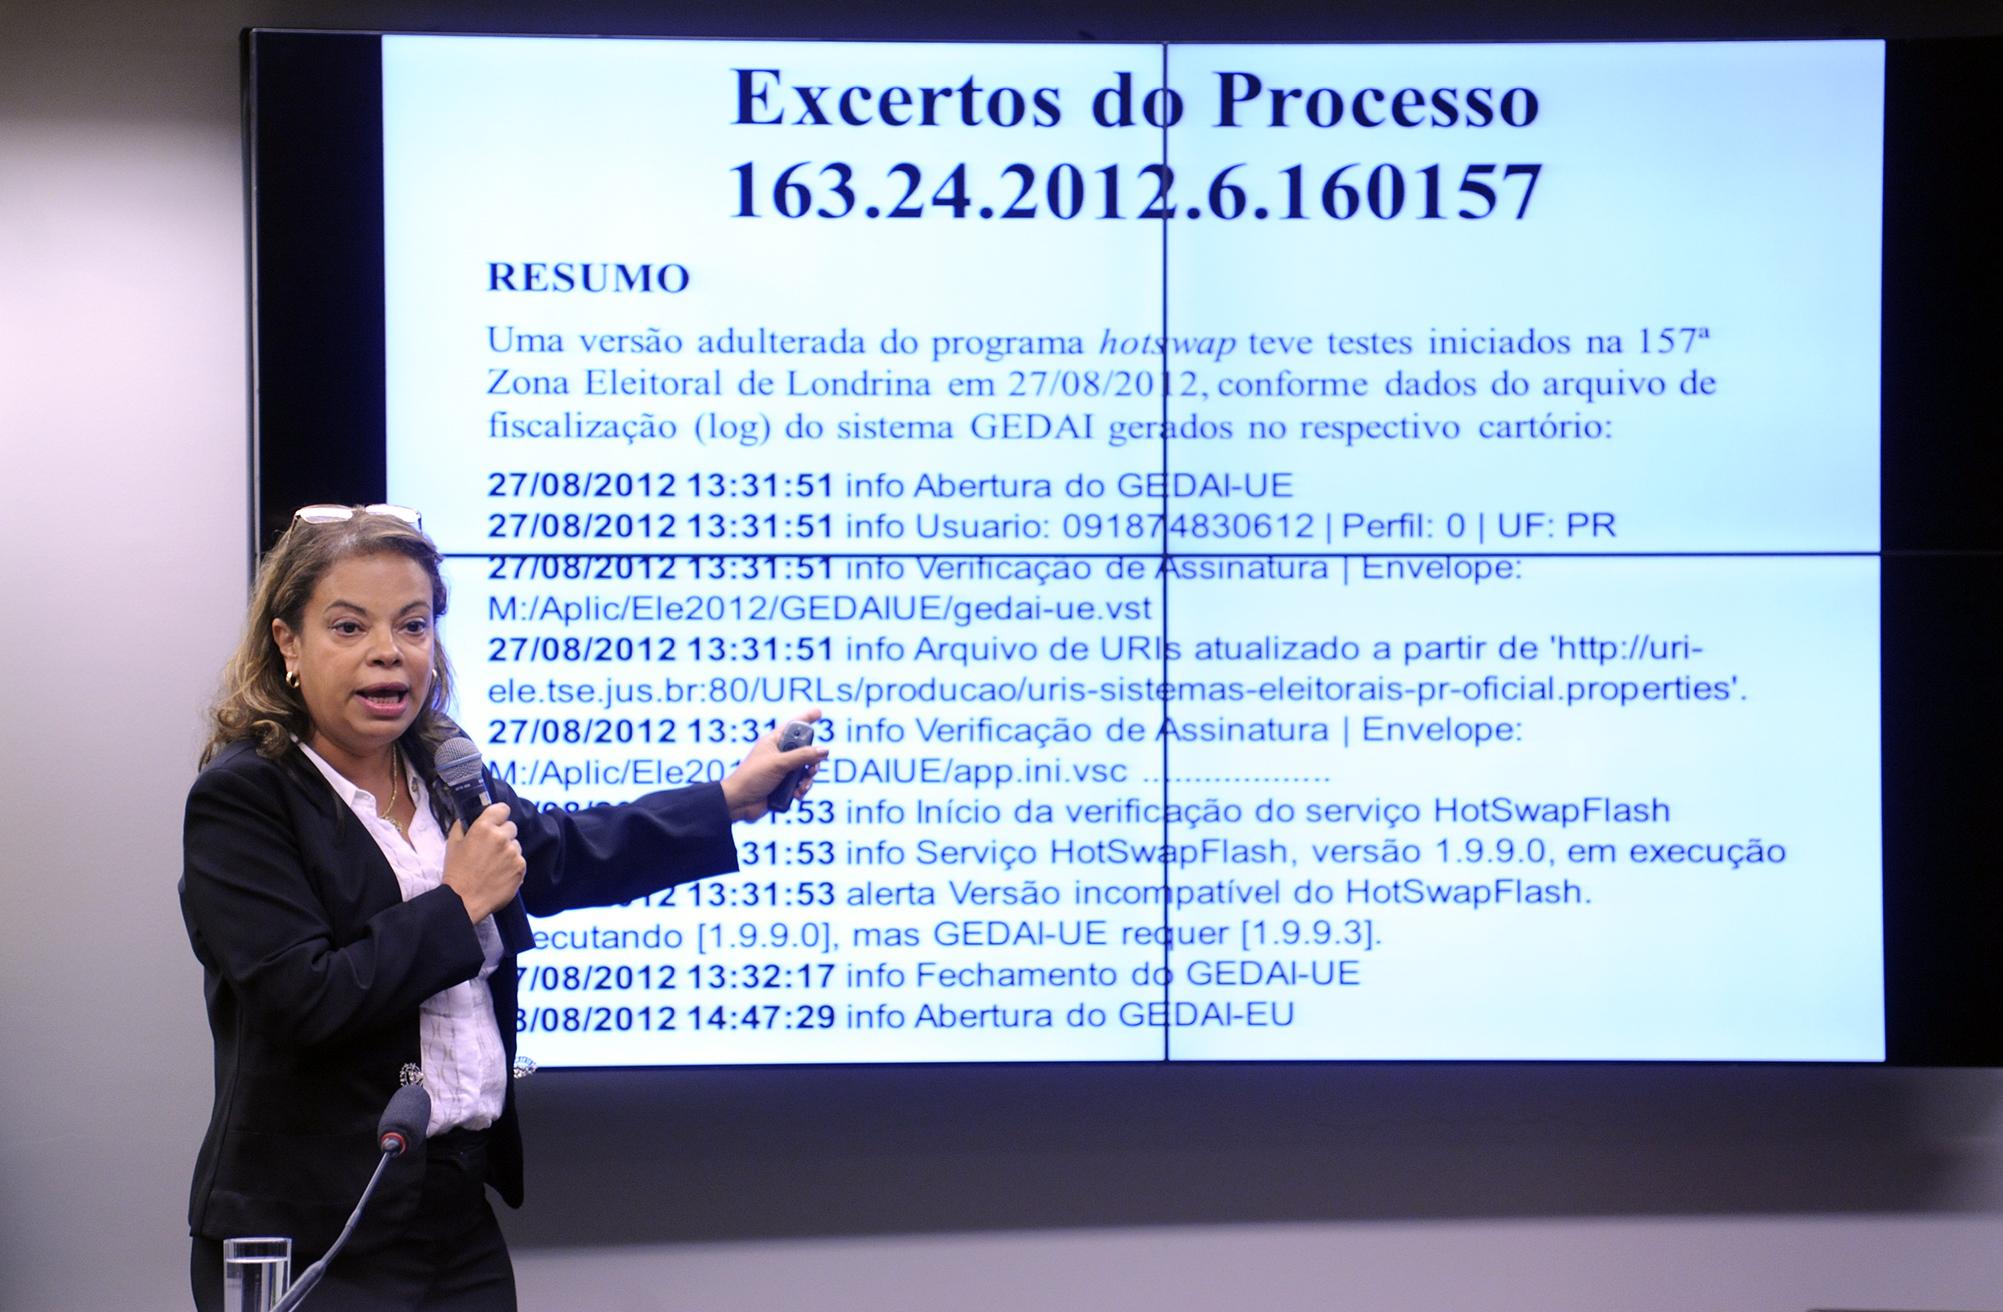 Audiência pública sobre o Sistema de Votação Eletrônica. Advogada, membro do Conselho Multidisciplinar Independente (CMind), Maria Aparecida da Rocha Cortiz